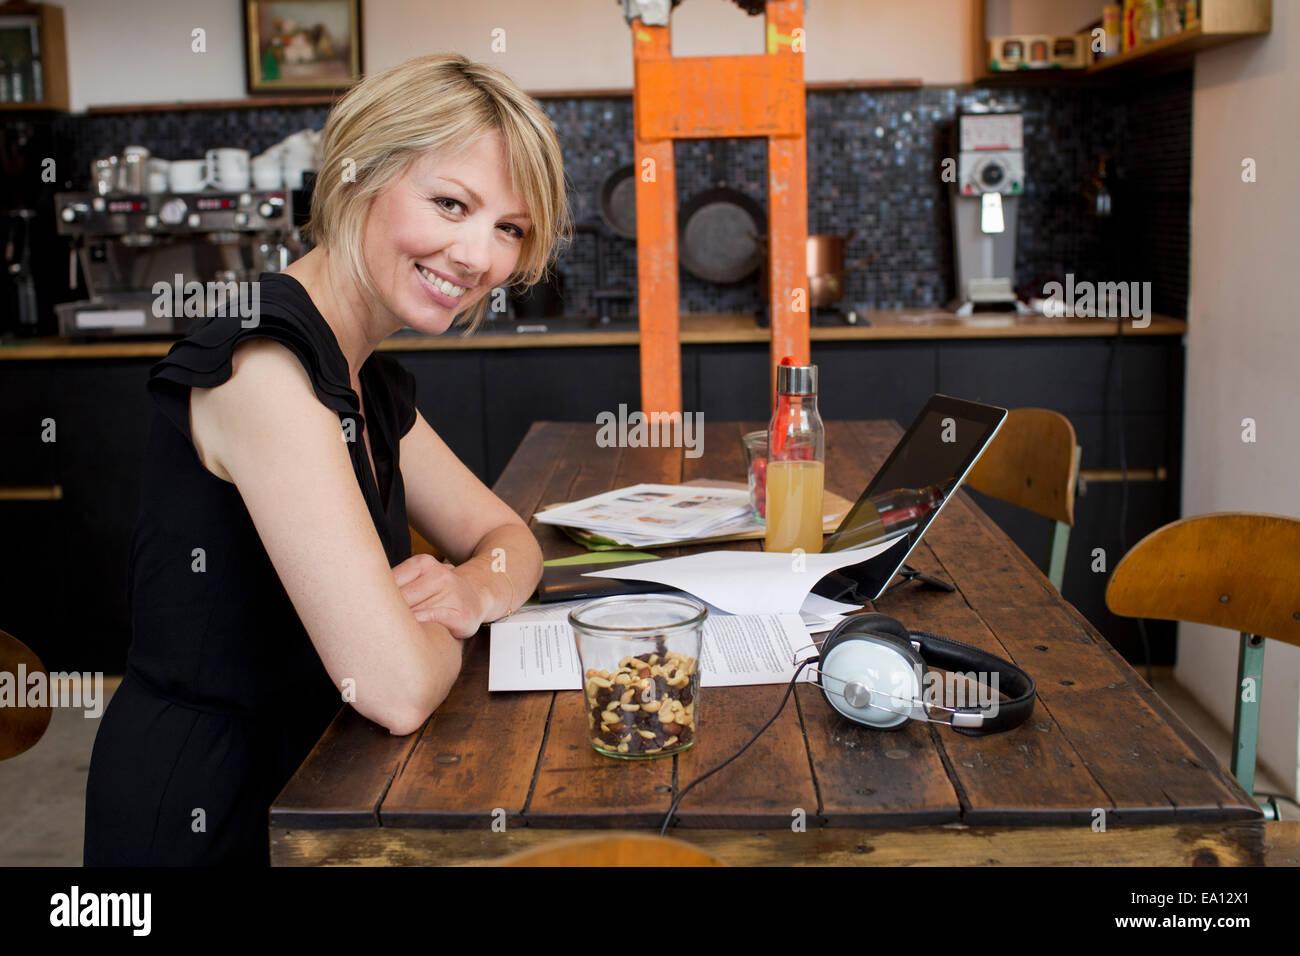 Mitad mujer adulta en cafe con tramites Imagen De Stock